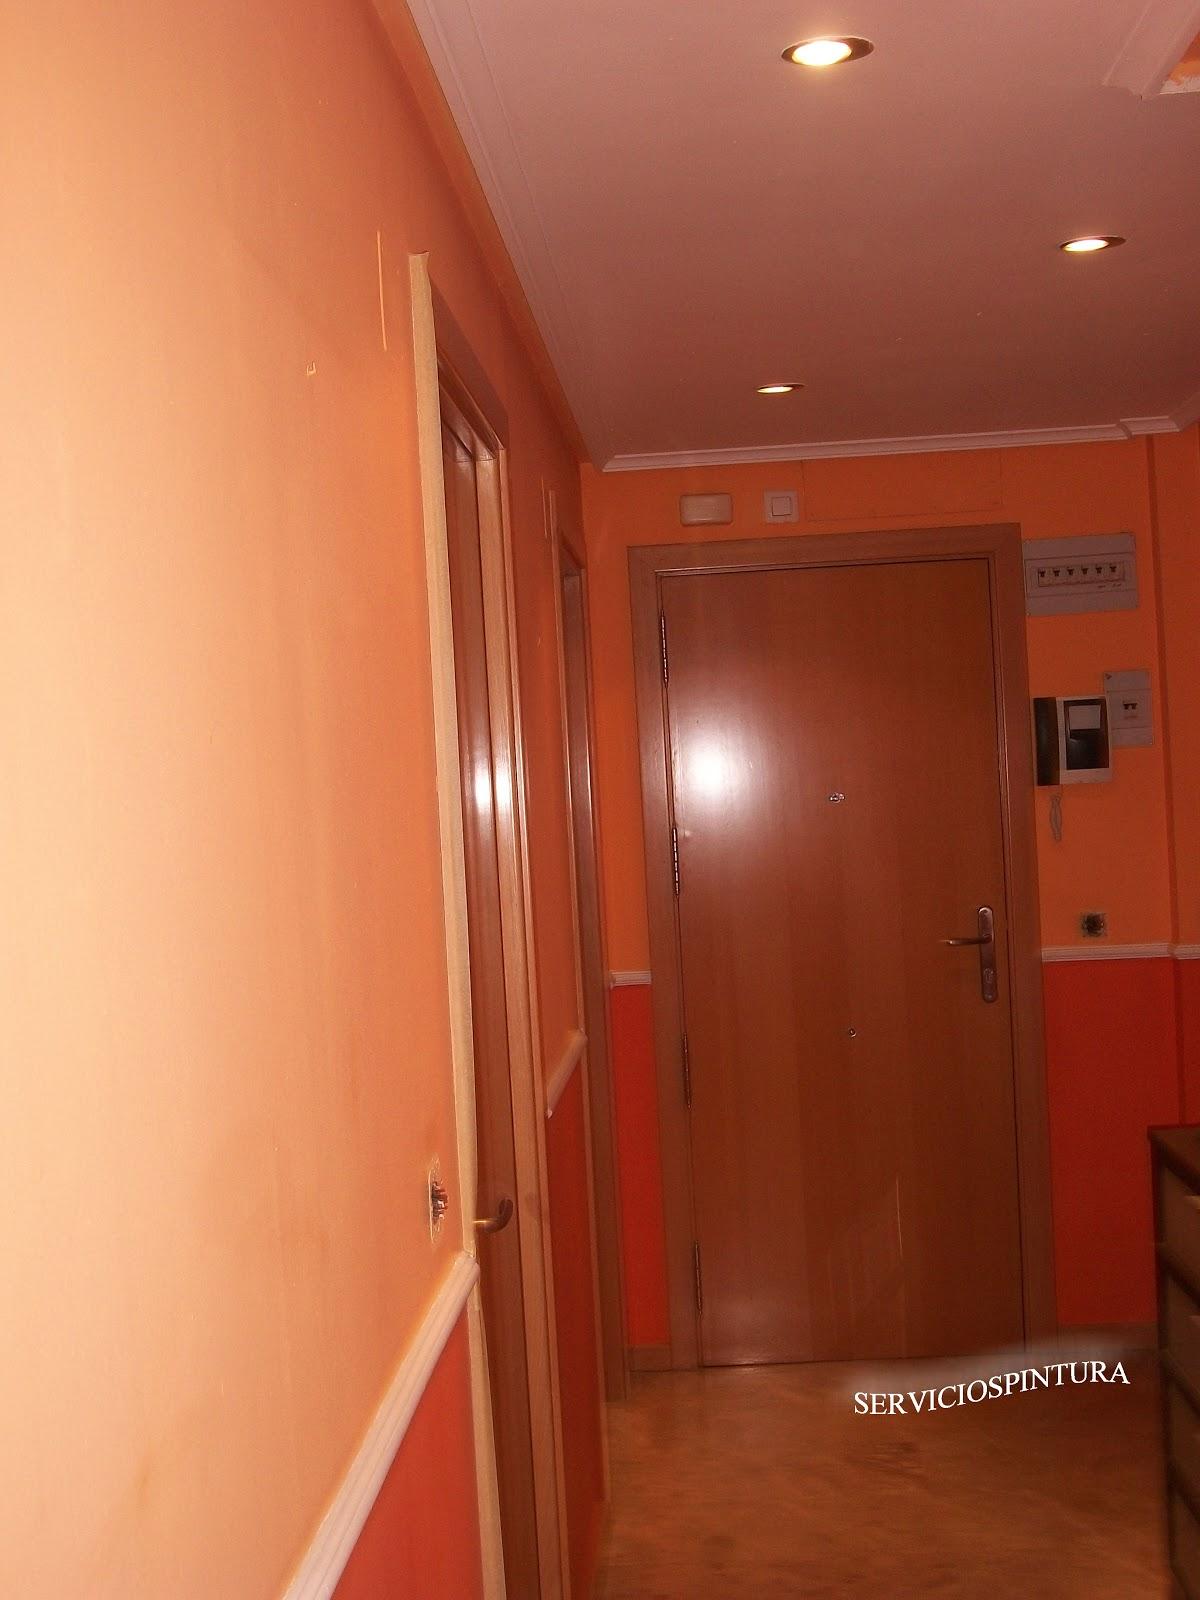 Servicios De Pintura En Zaragoza Pintamos Pisos ~ Colores Pintar Pasillo Y Entrada